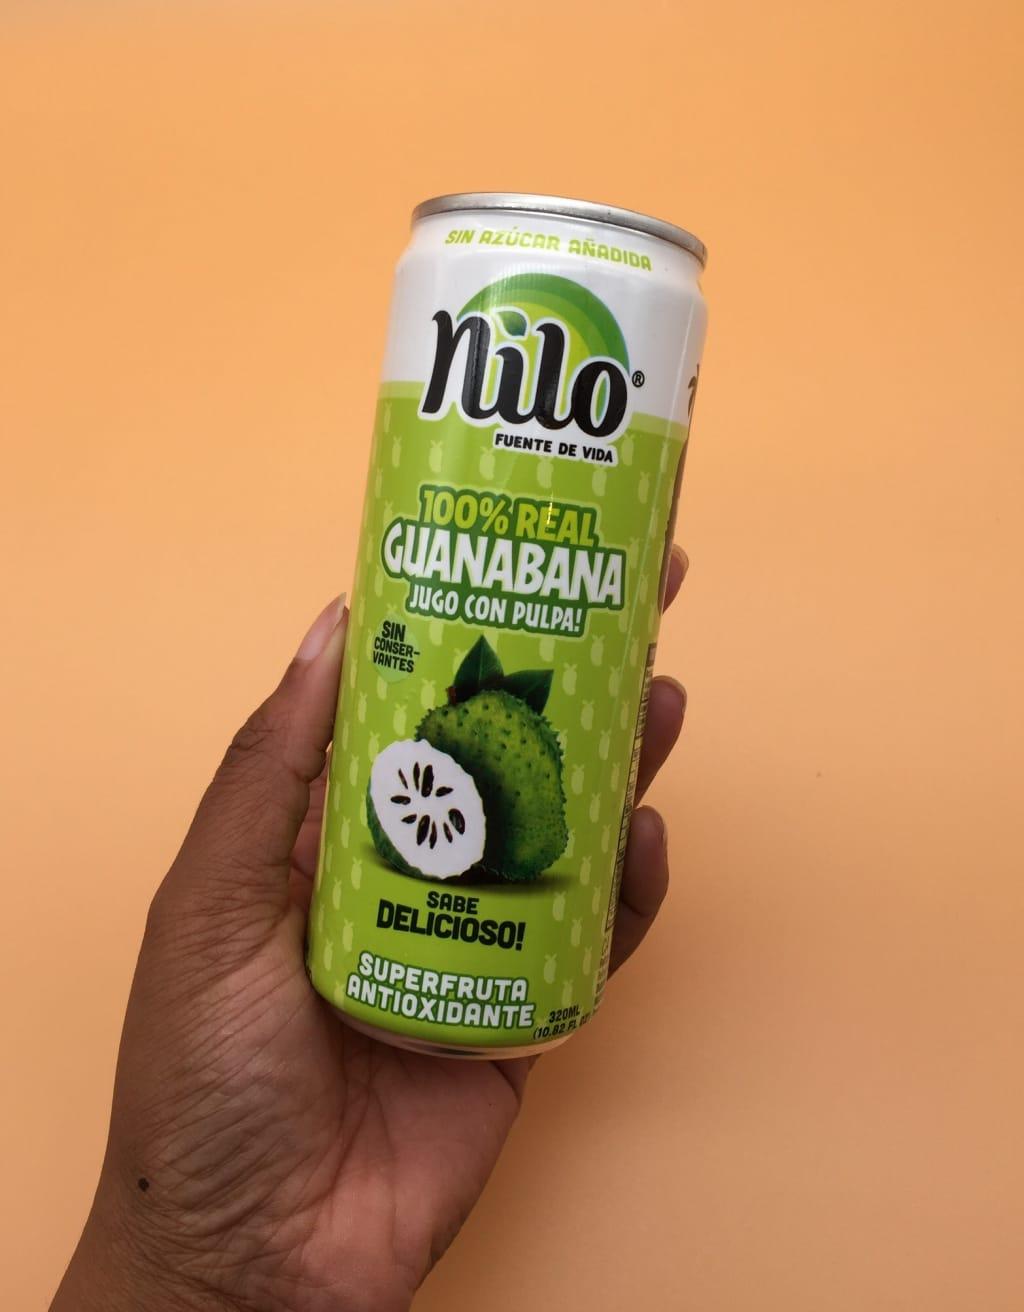 Nilo Guanabana Review